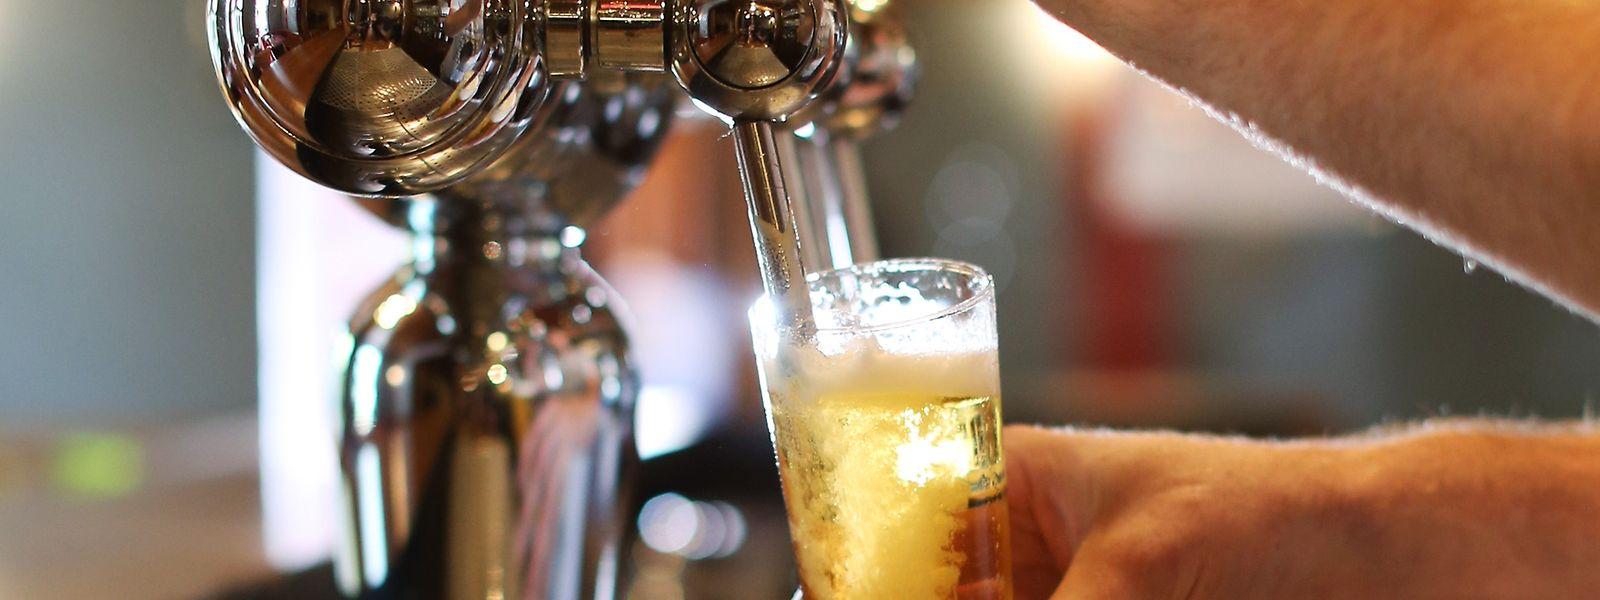 Der Brauereigigant Anheuser-Busch InBev soll Angaben der EU-Kommission zufolge seine marktbeherrschende Stellung missbraucht haben.